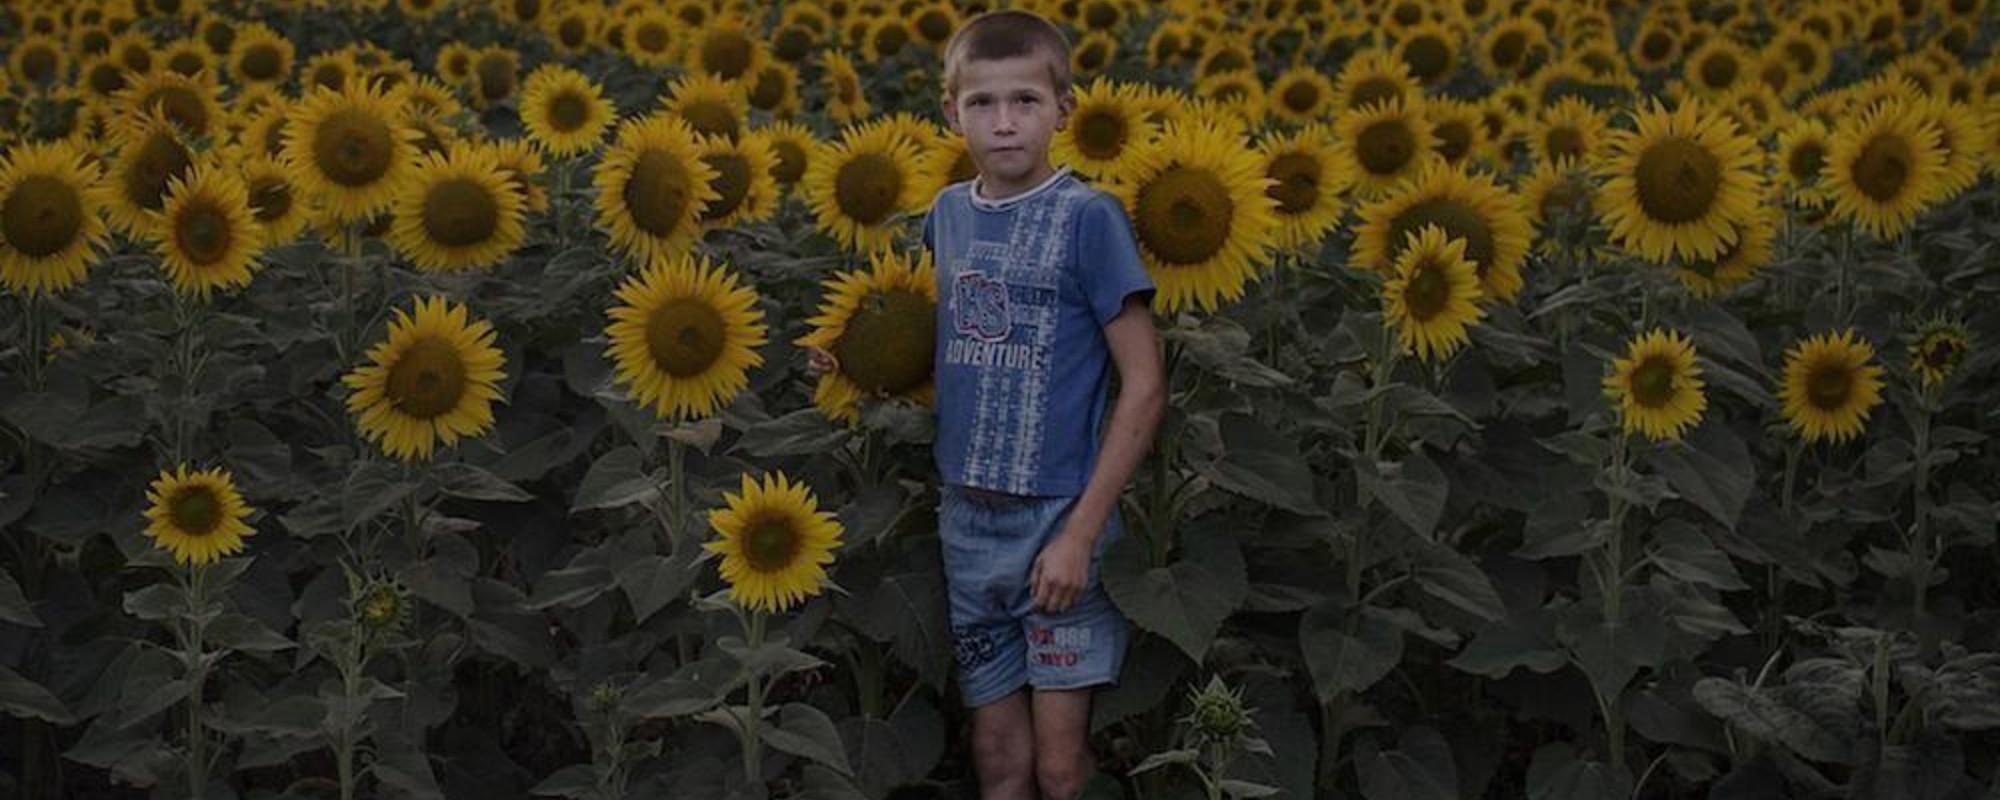 Fotos vom Leben im ländlichen Moldawien, einem der ärmsten Länder Europas